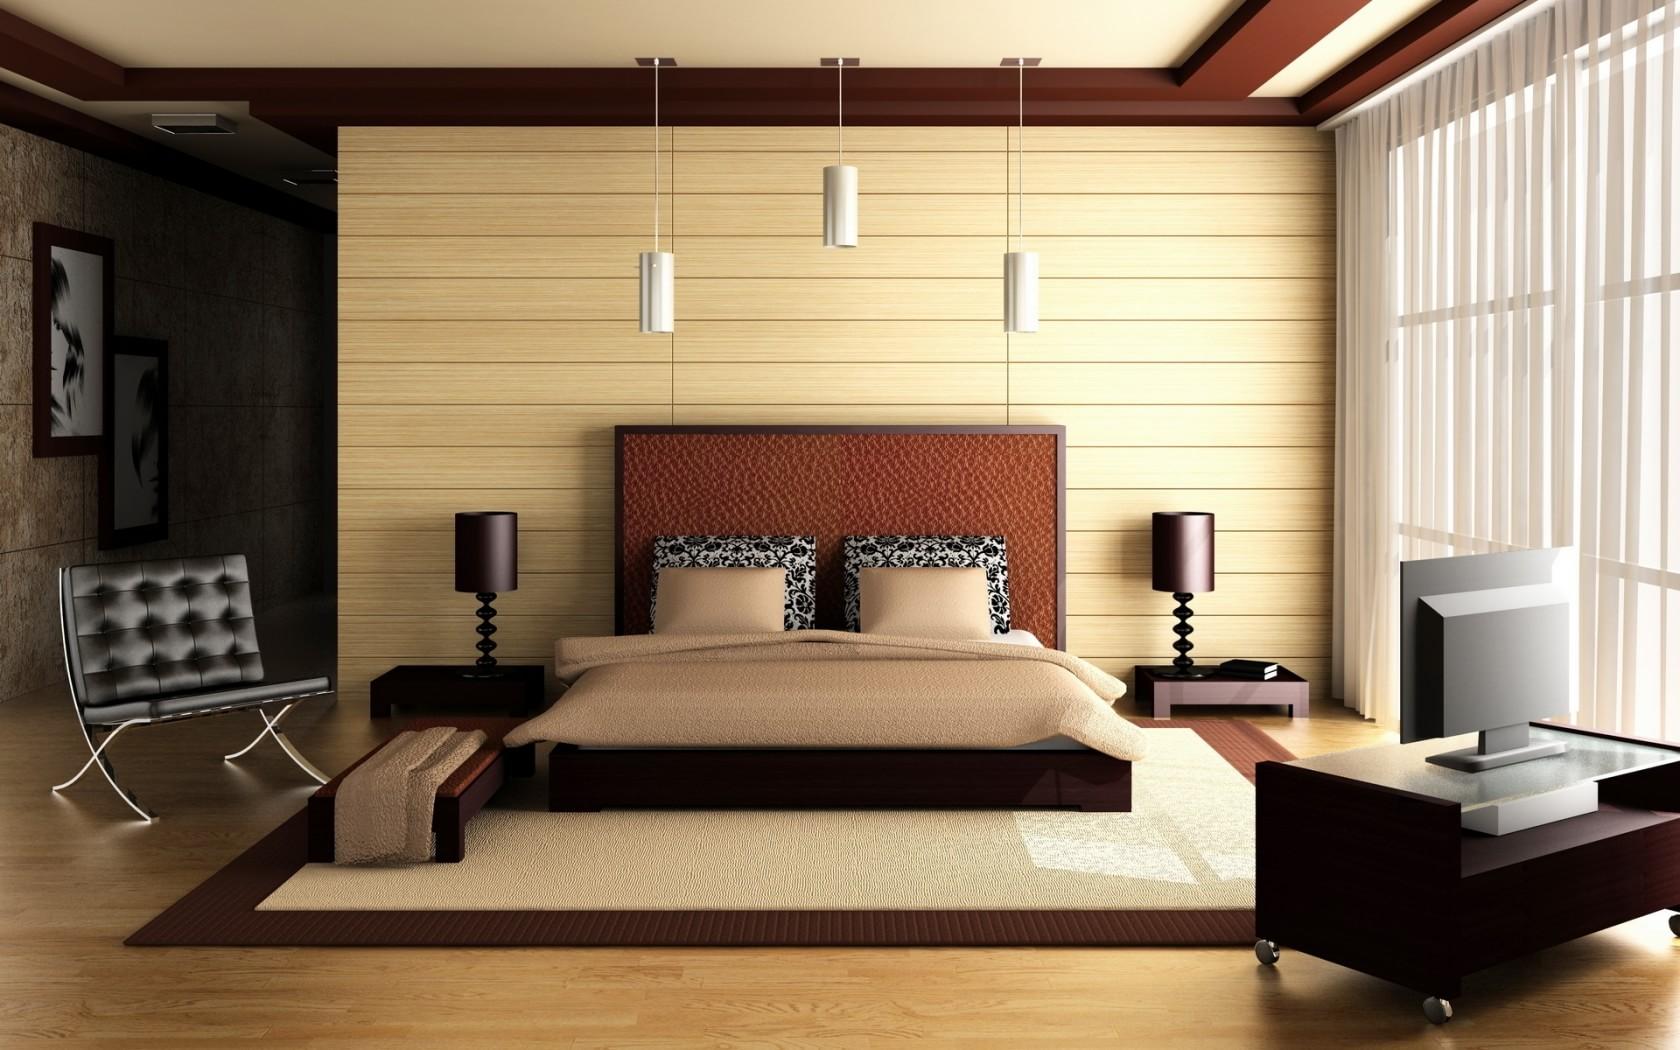 Белая спальня в стиле модерн в частном доме с большими окнами фото